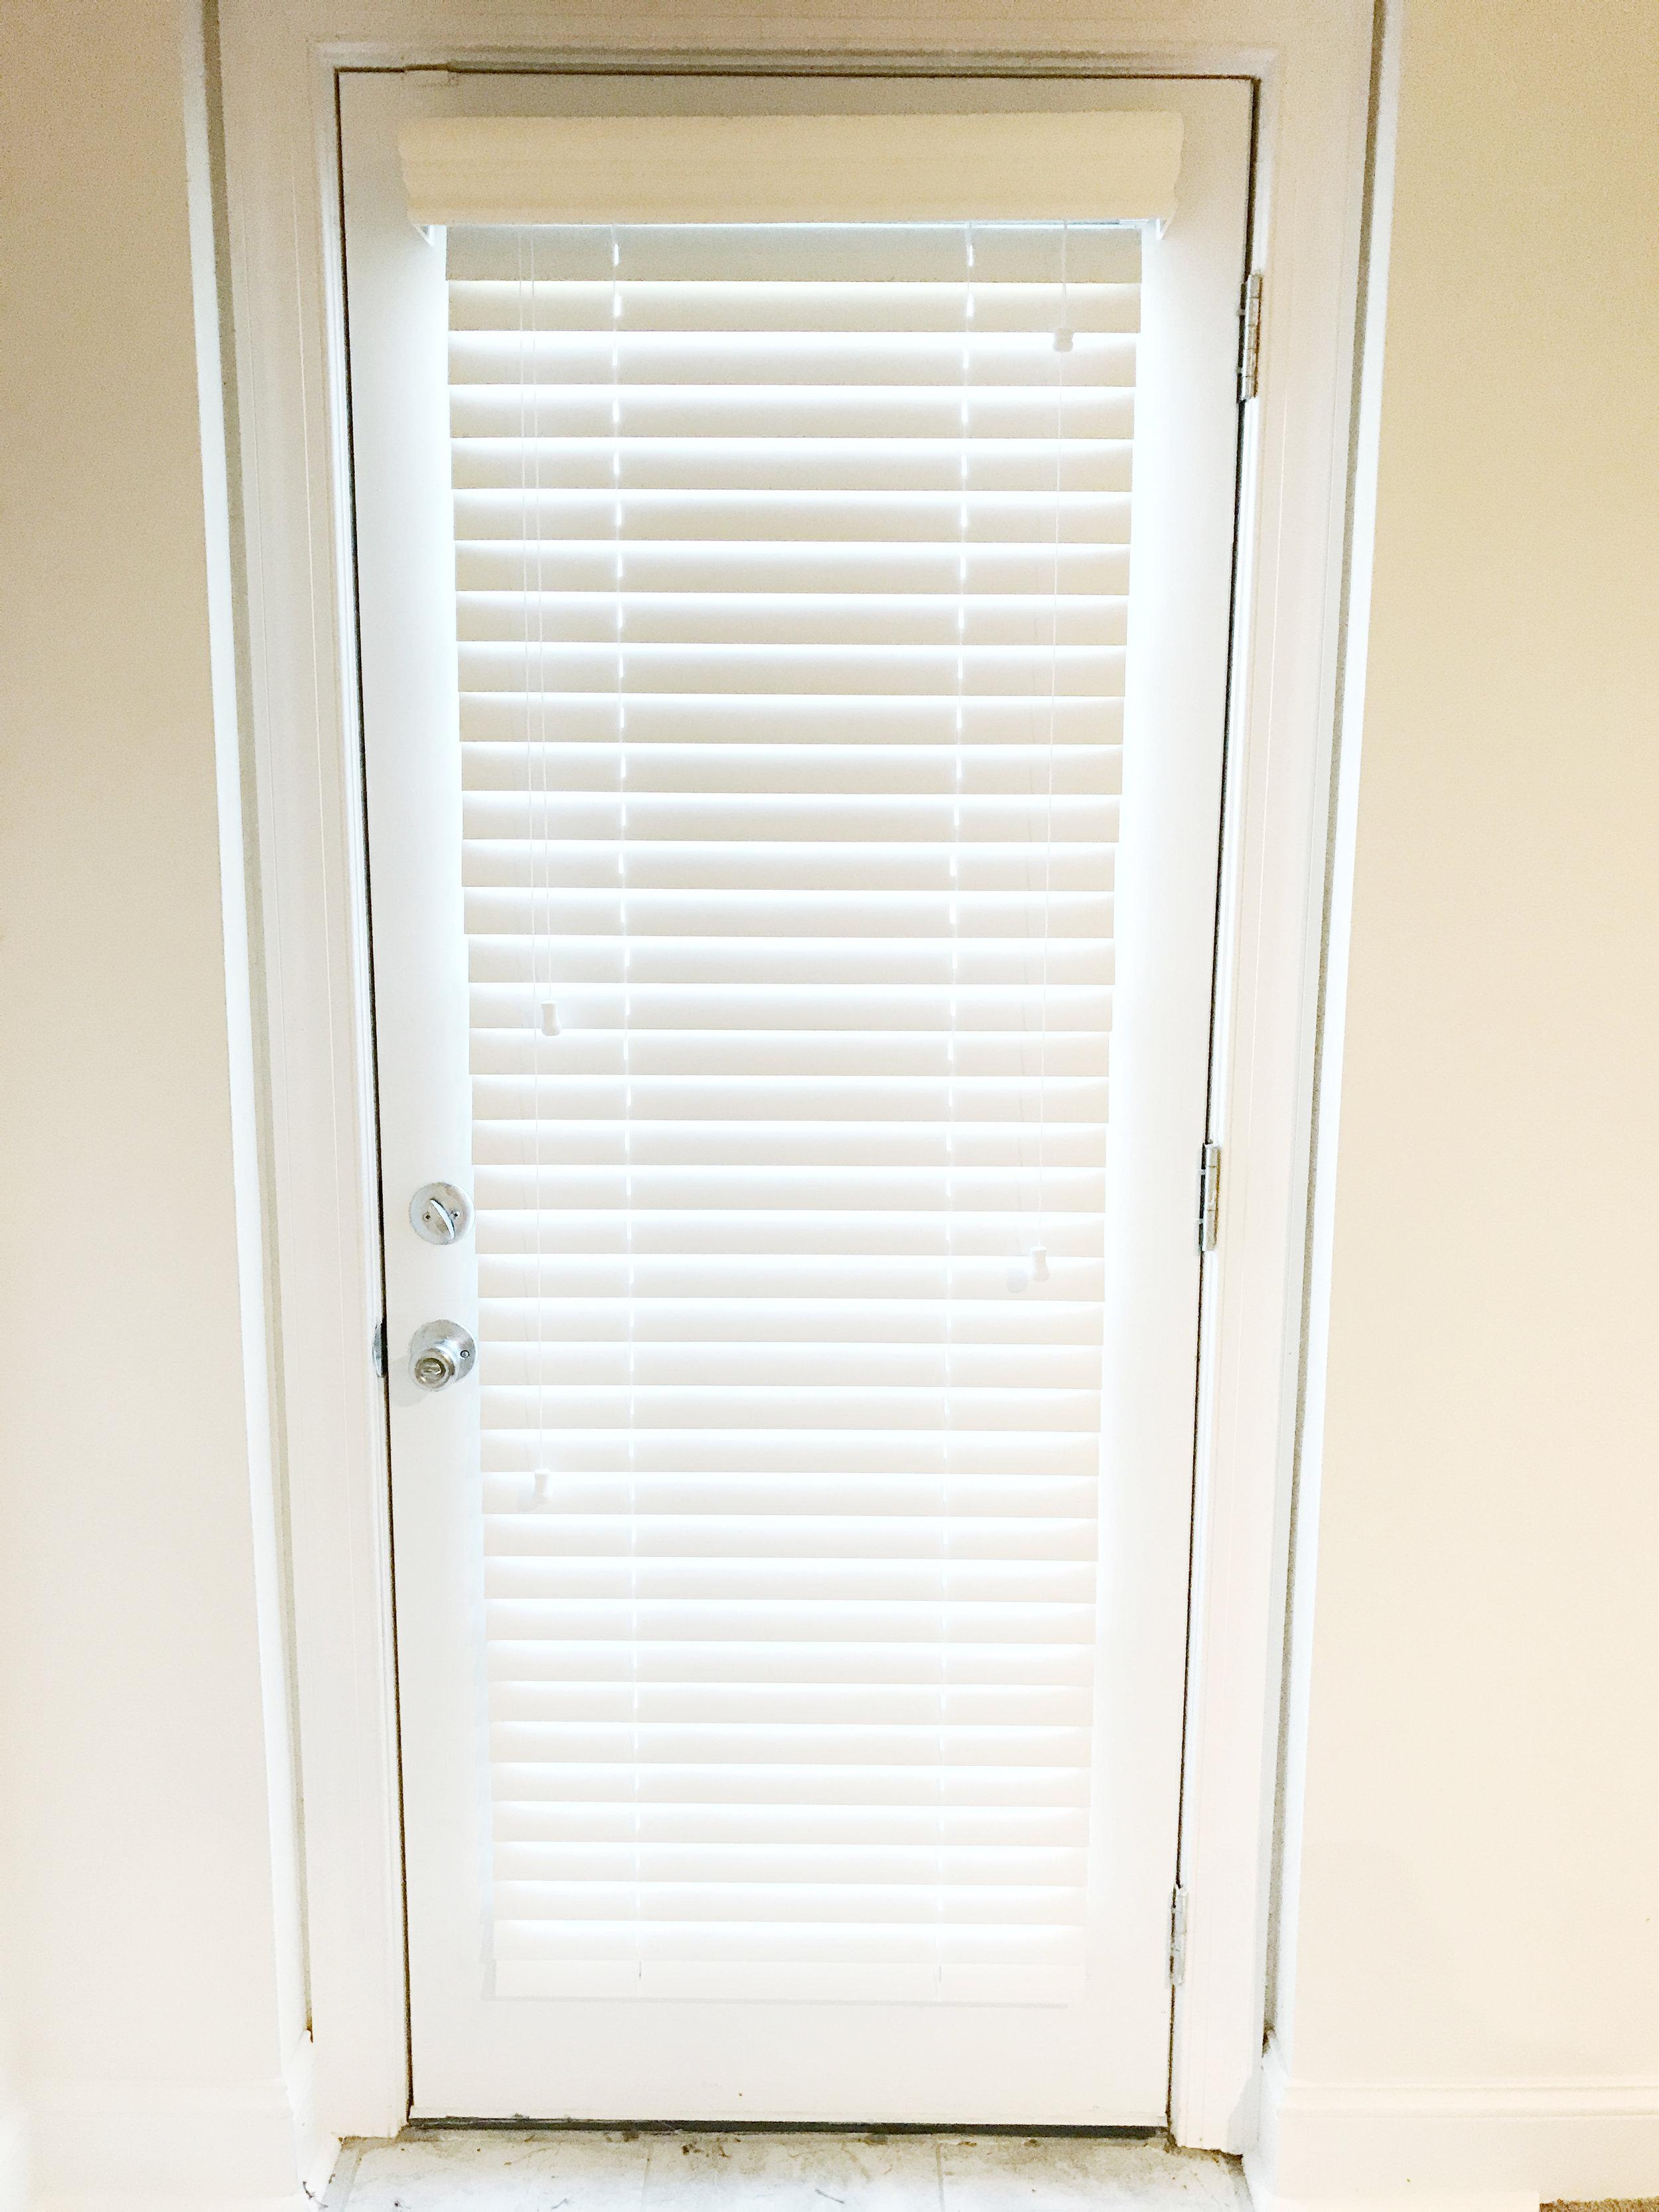 3rdGenBlinds white door window blinds